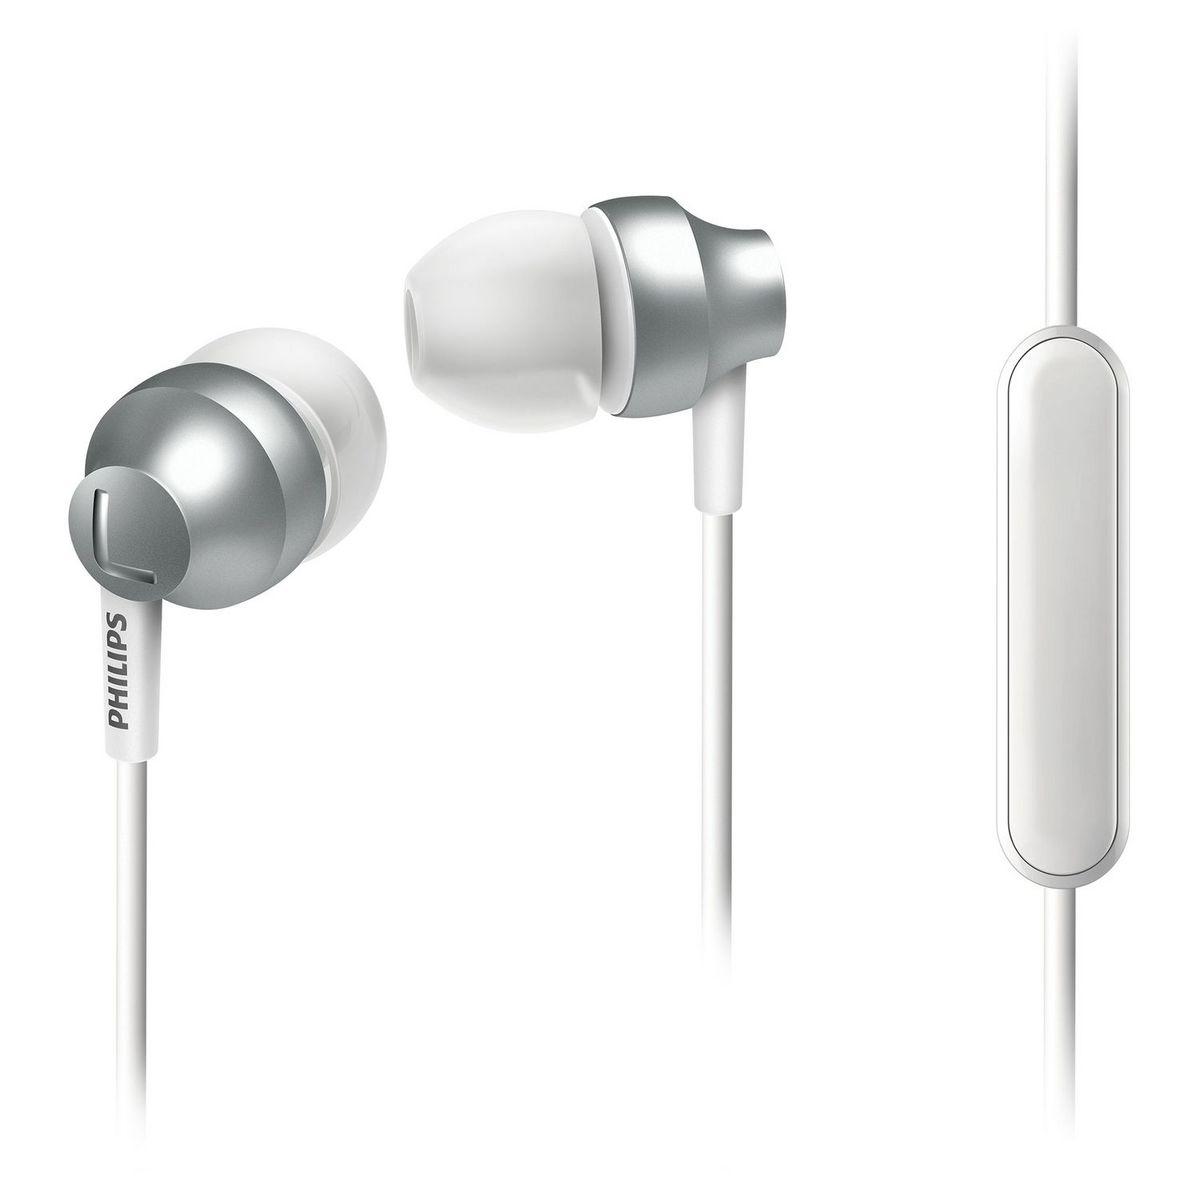 Écouteurs filaires - Argent - SHE 3855